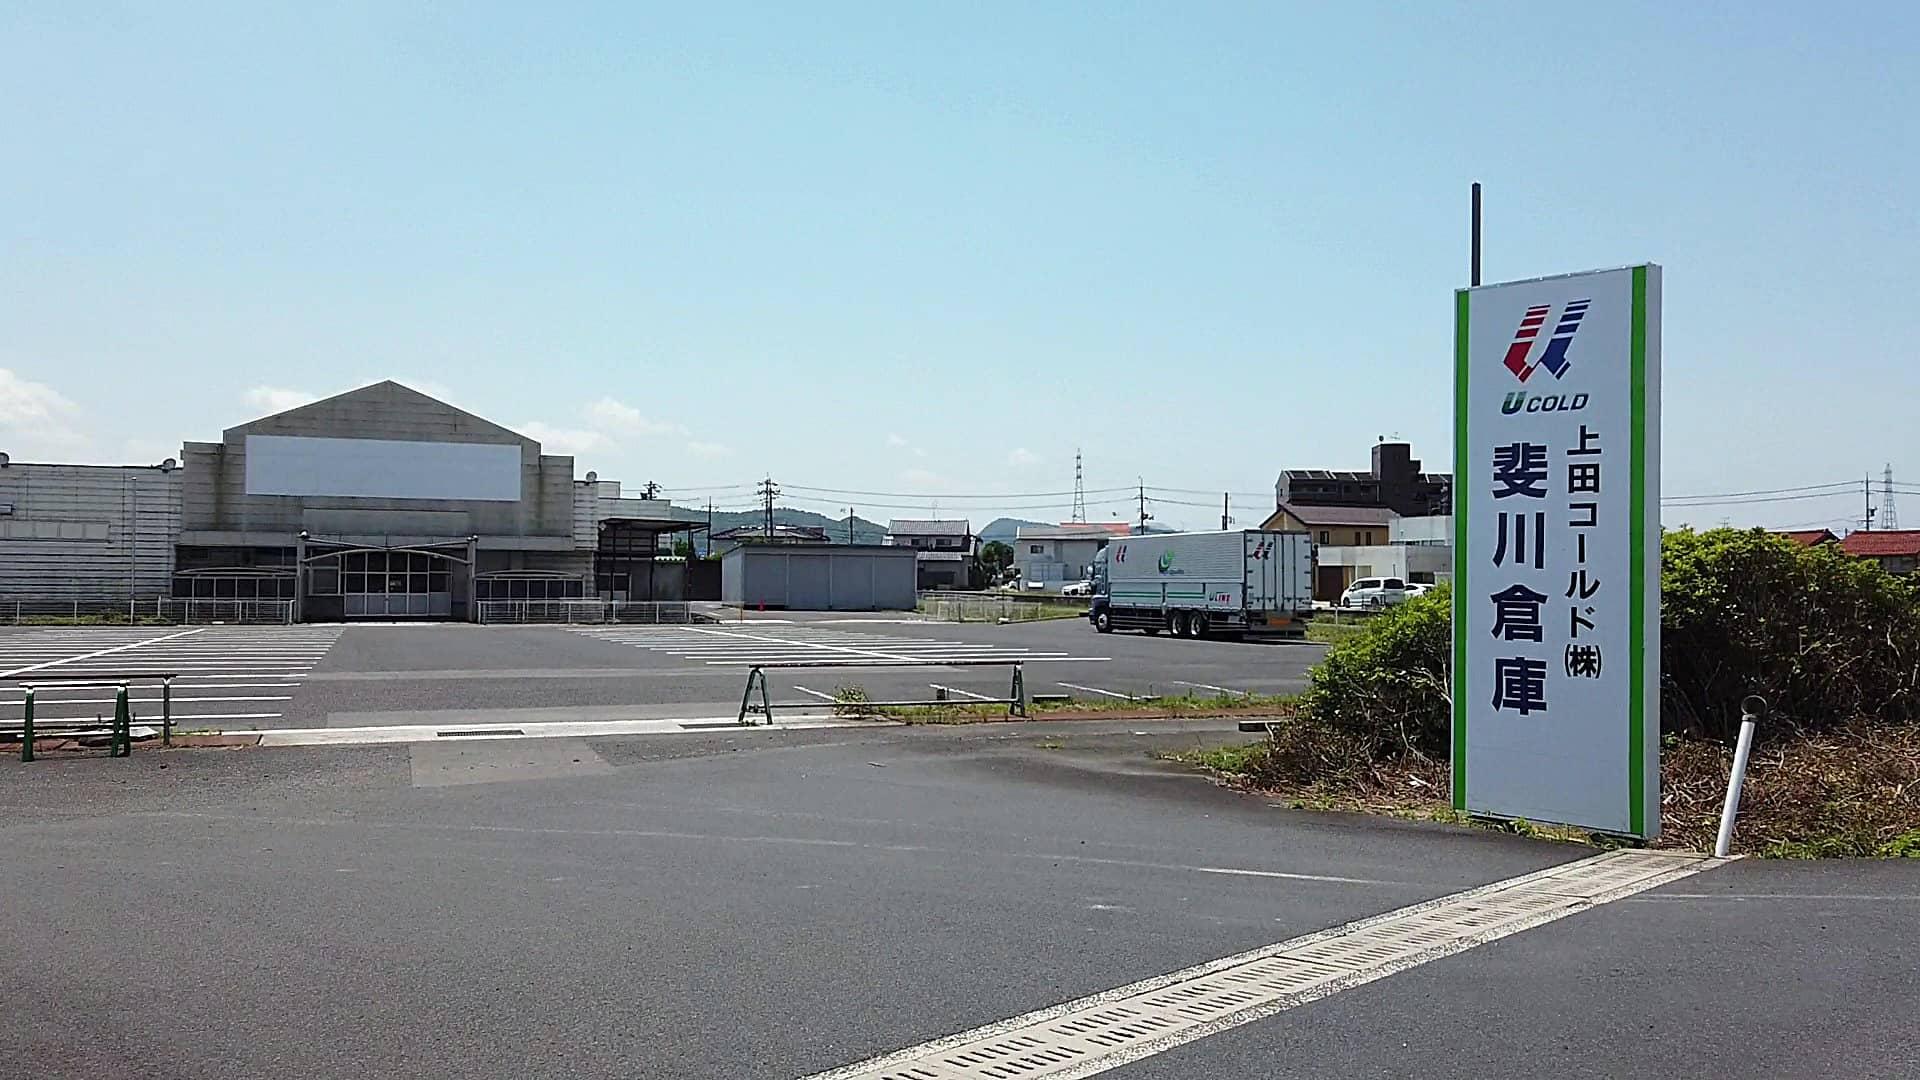 田コールド 斐川倉庫 バナー